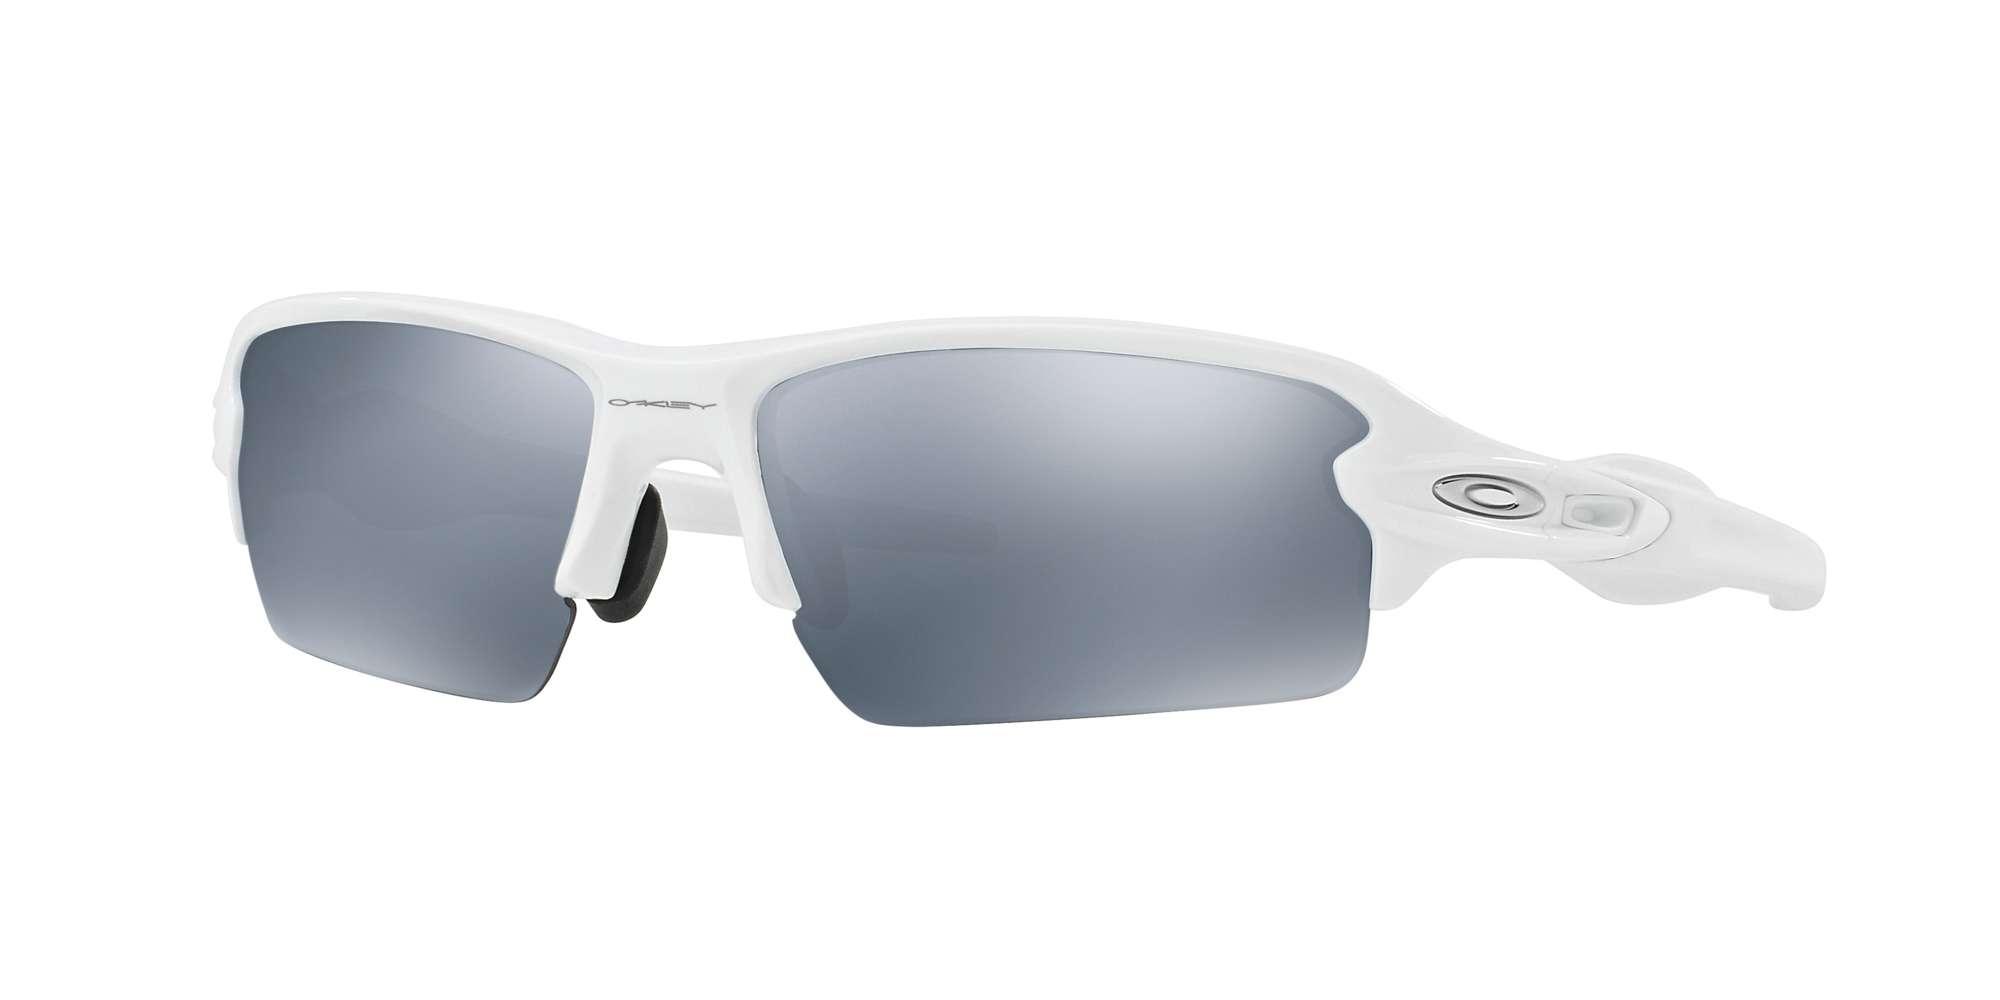 POLISHED WHITE / SLATE IRIDIUM lenses